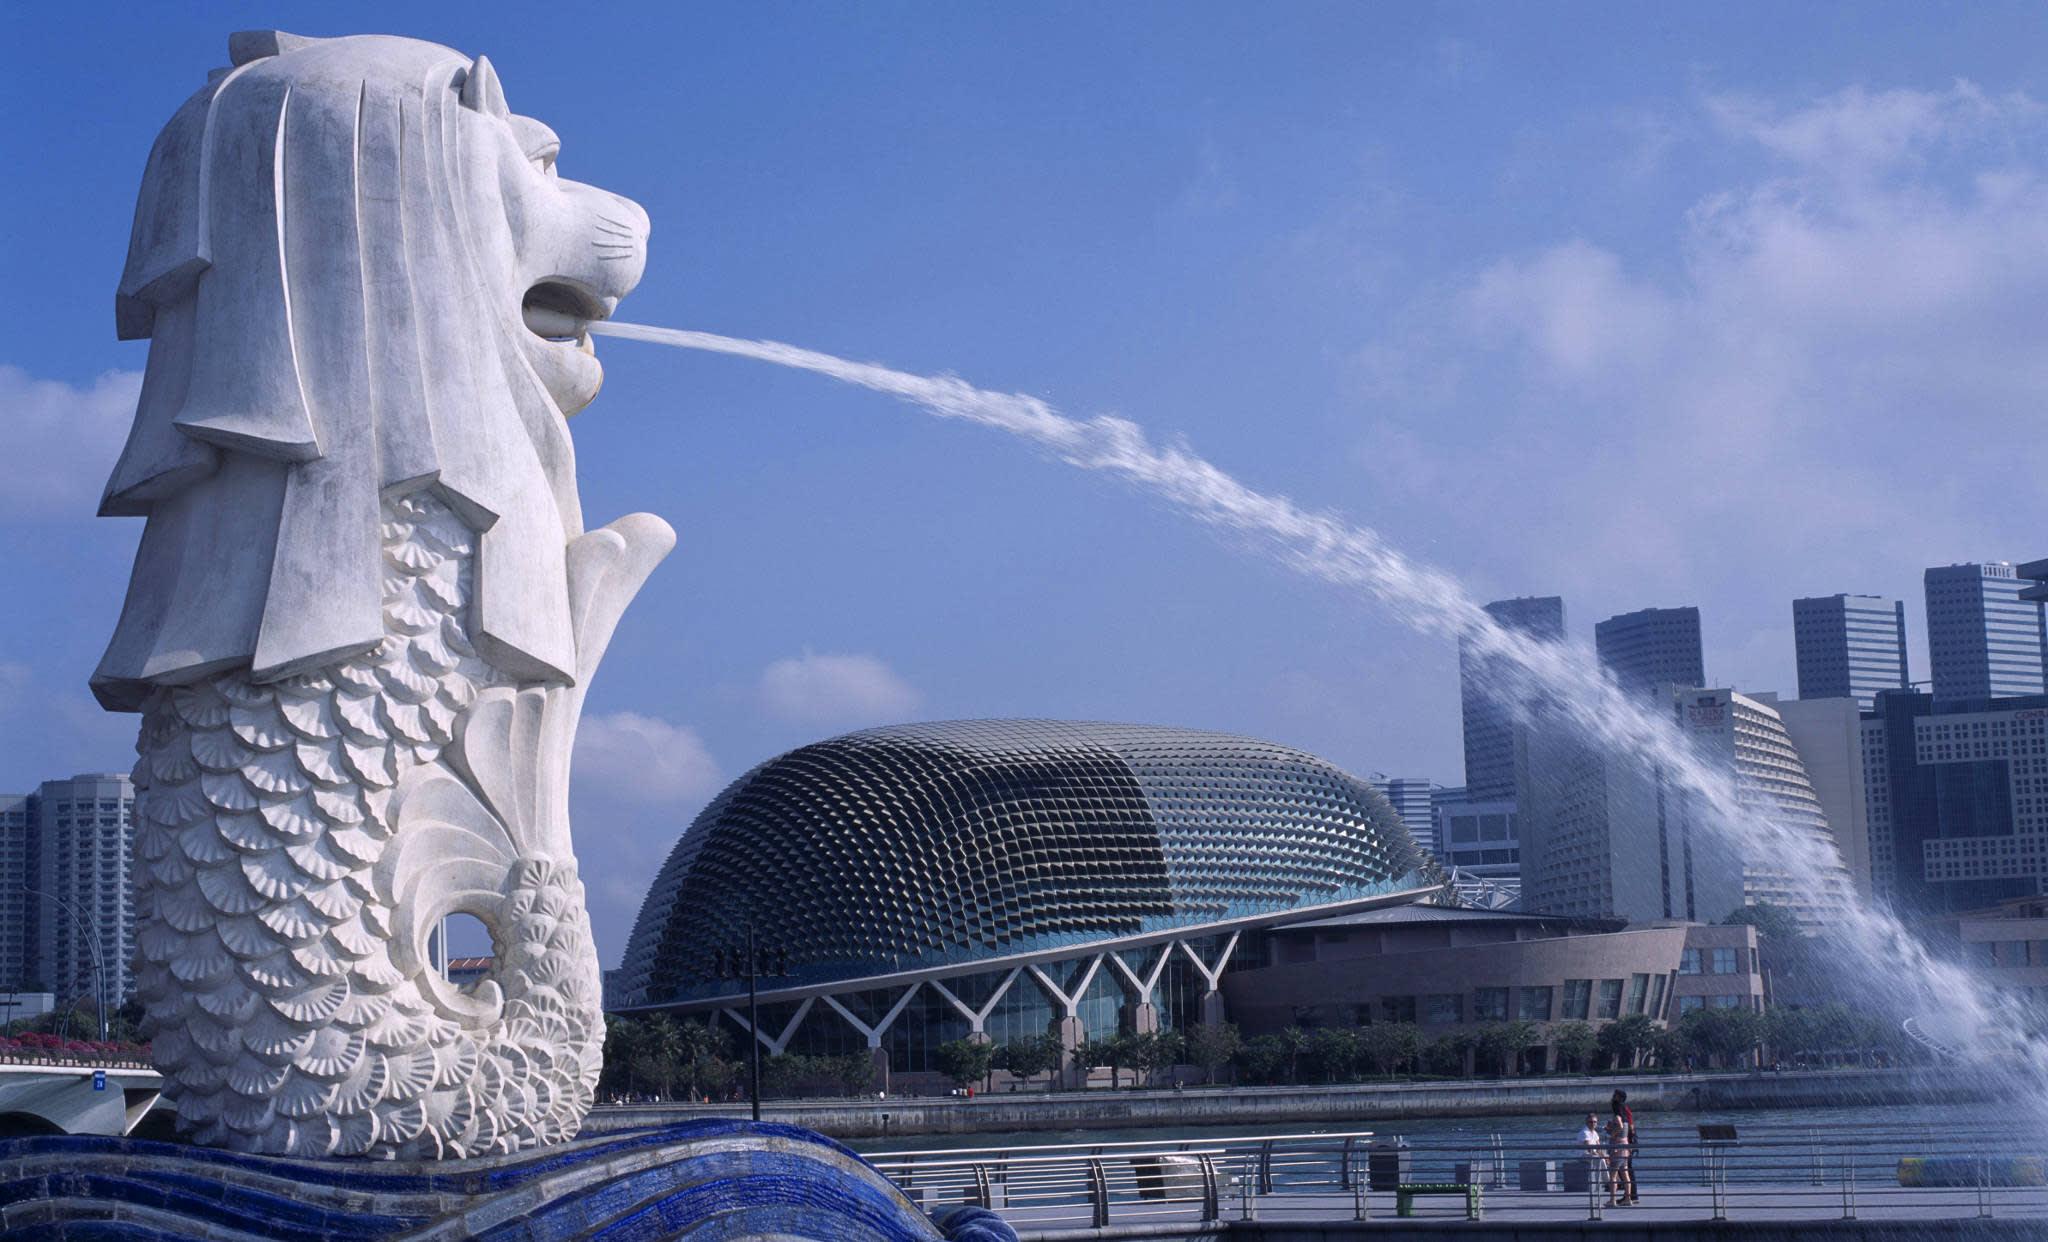 Intip Tempat Belanja Murah Di Singapore